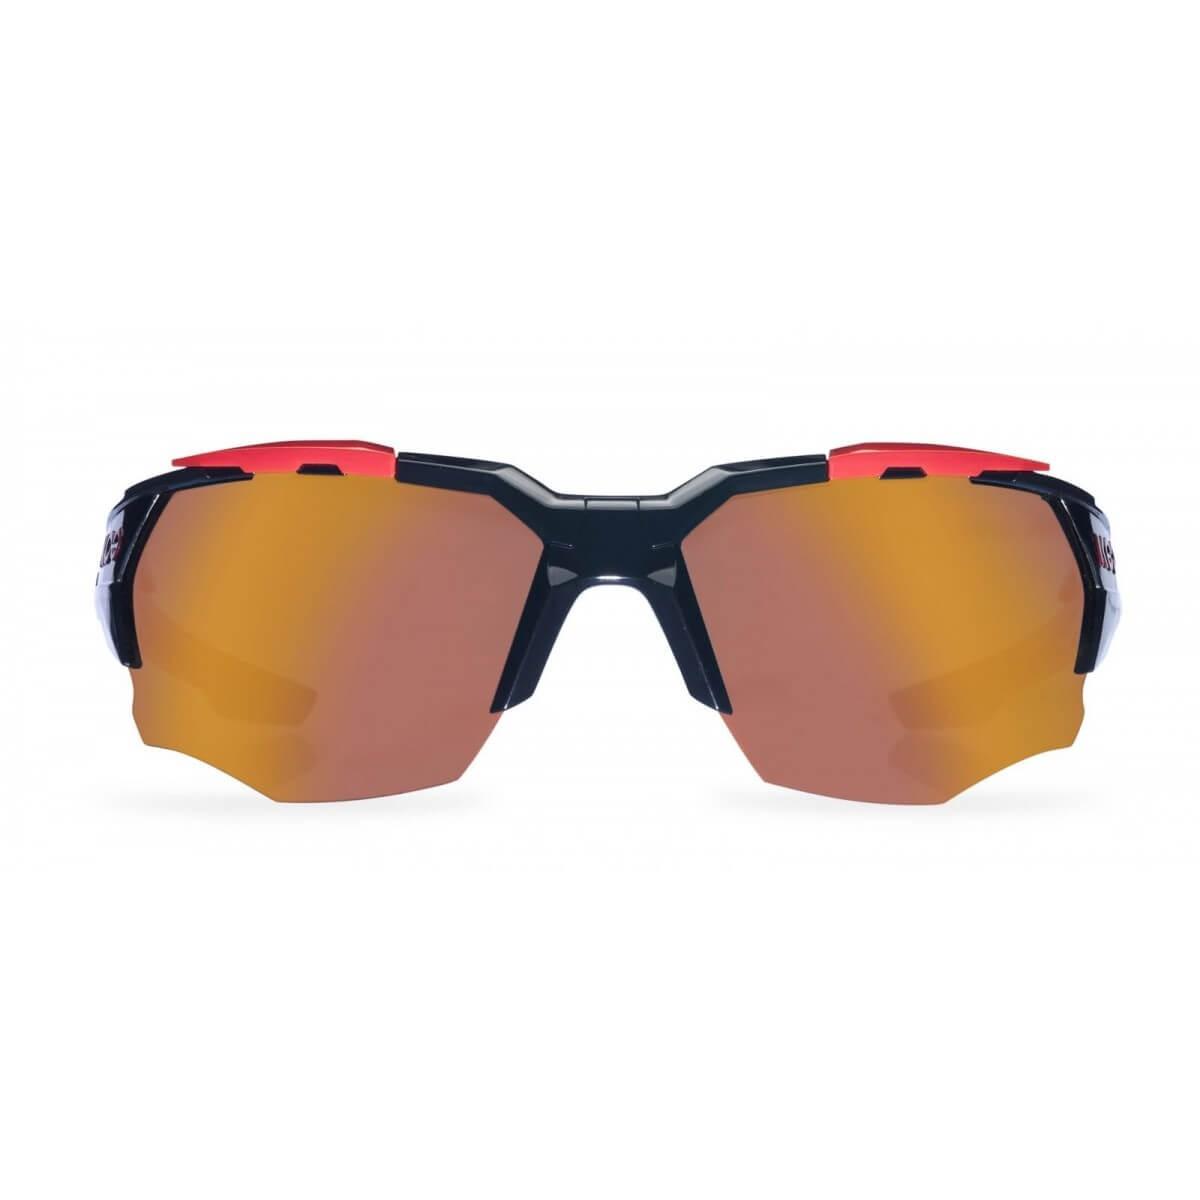 518cc526ae Gafas de Sol KOO Orion Negro Lente Rojo Espejo - 365 Rider